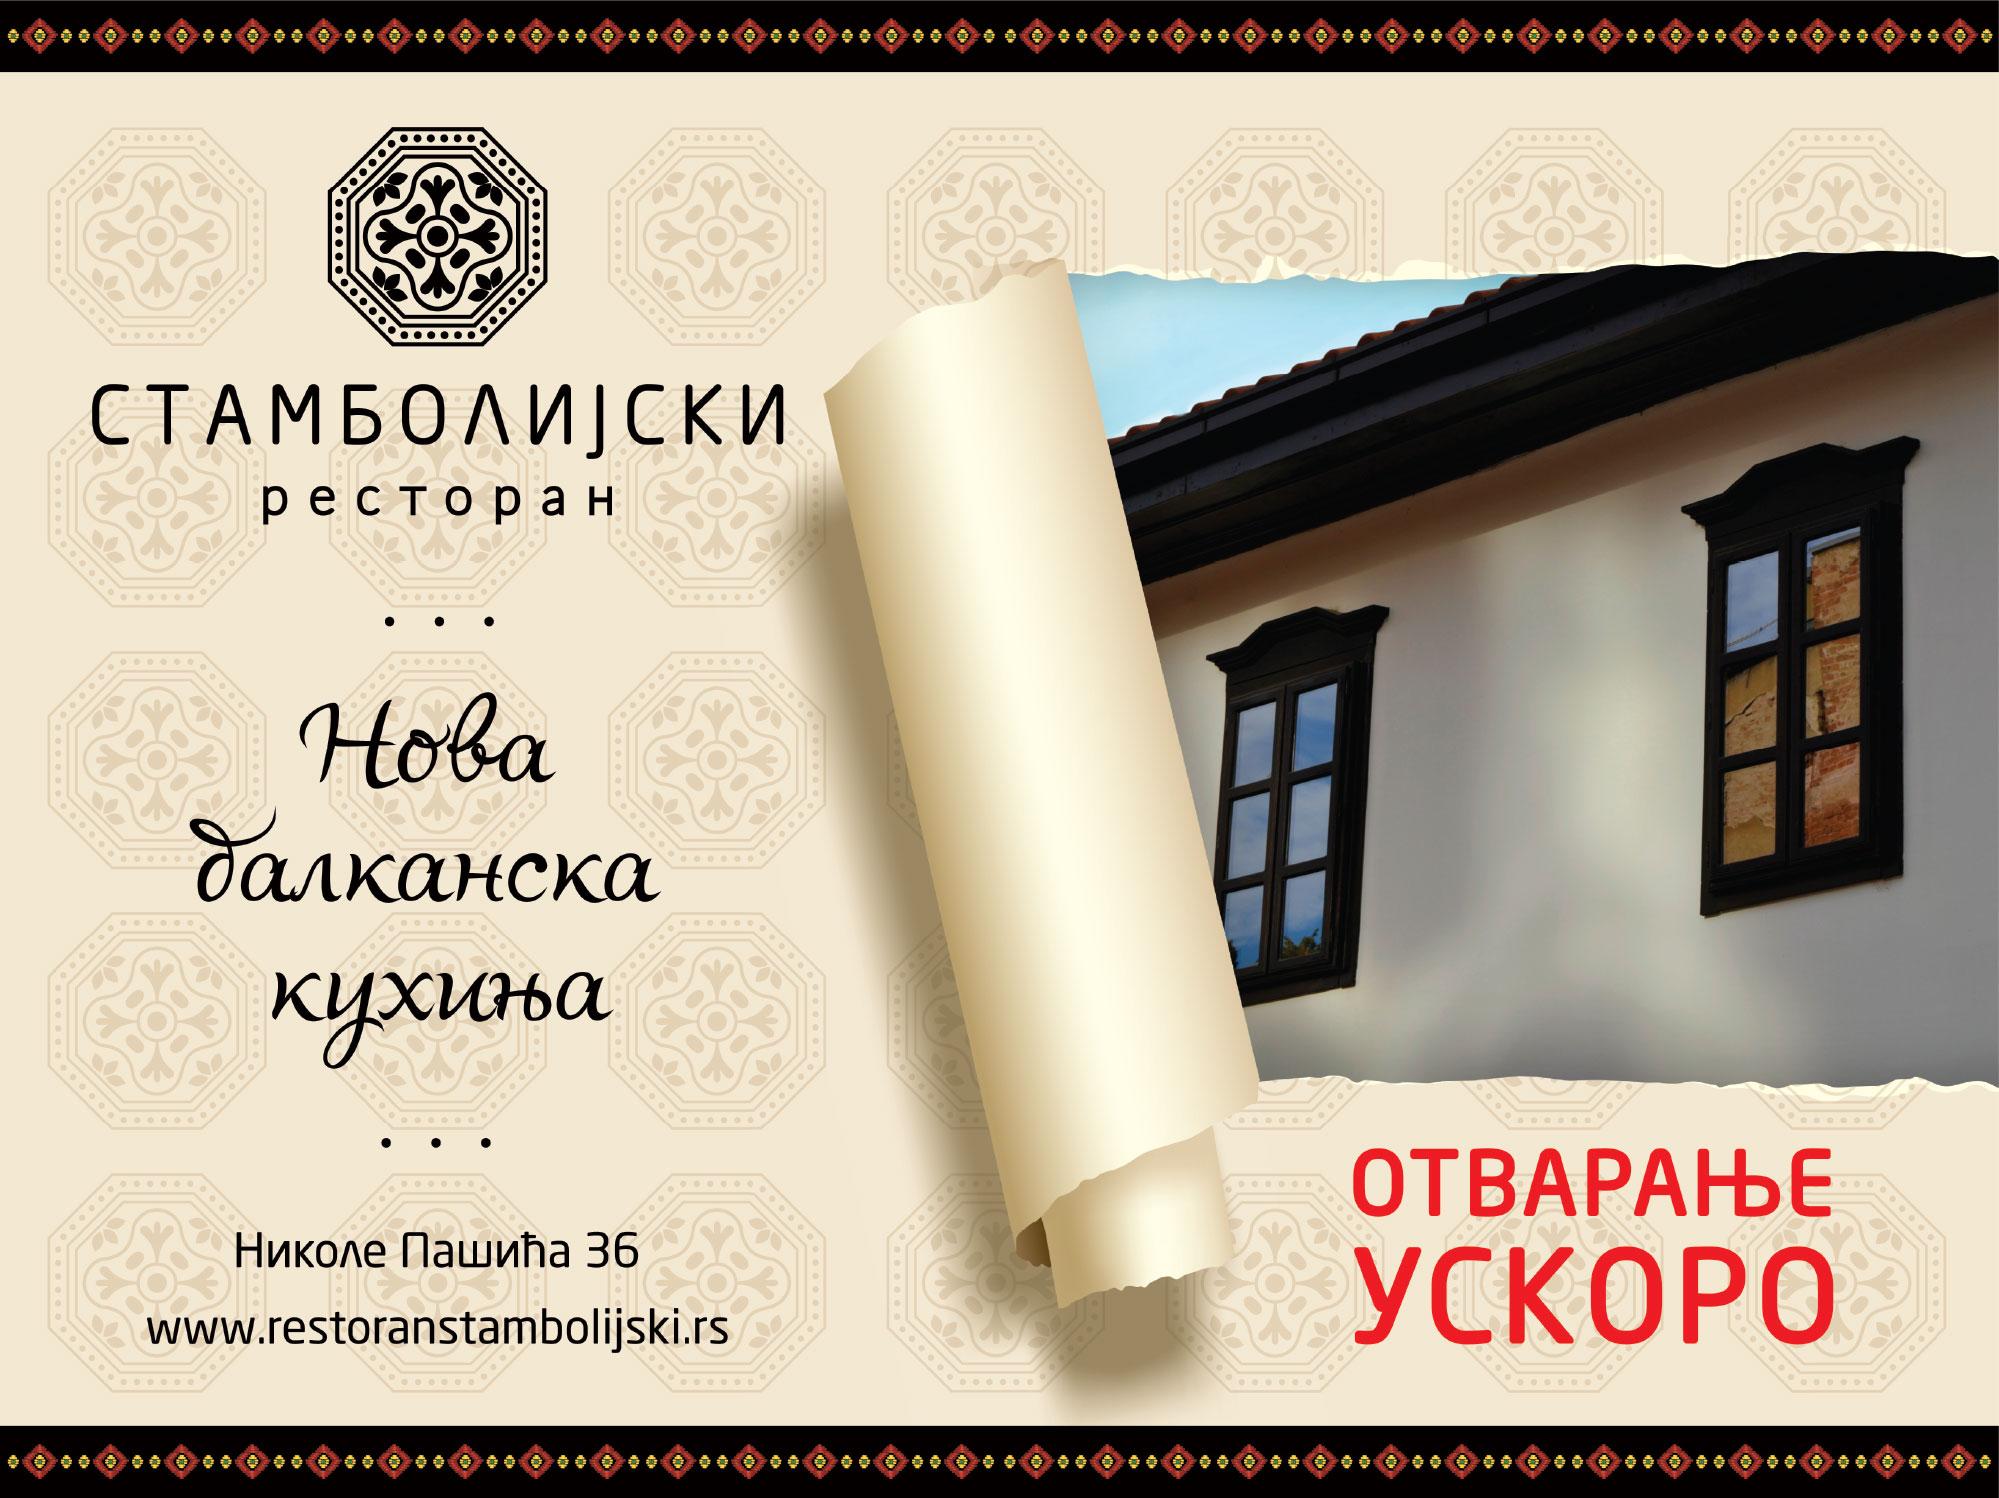 stambolijski billboard 2